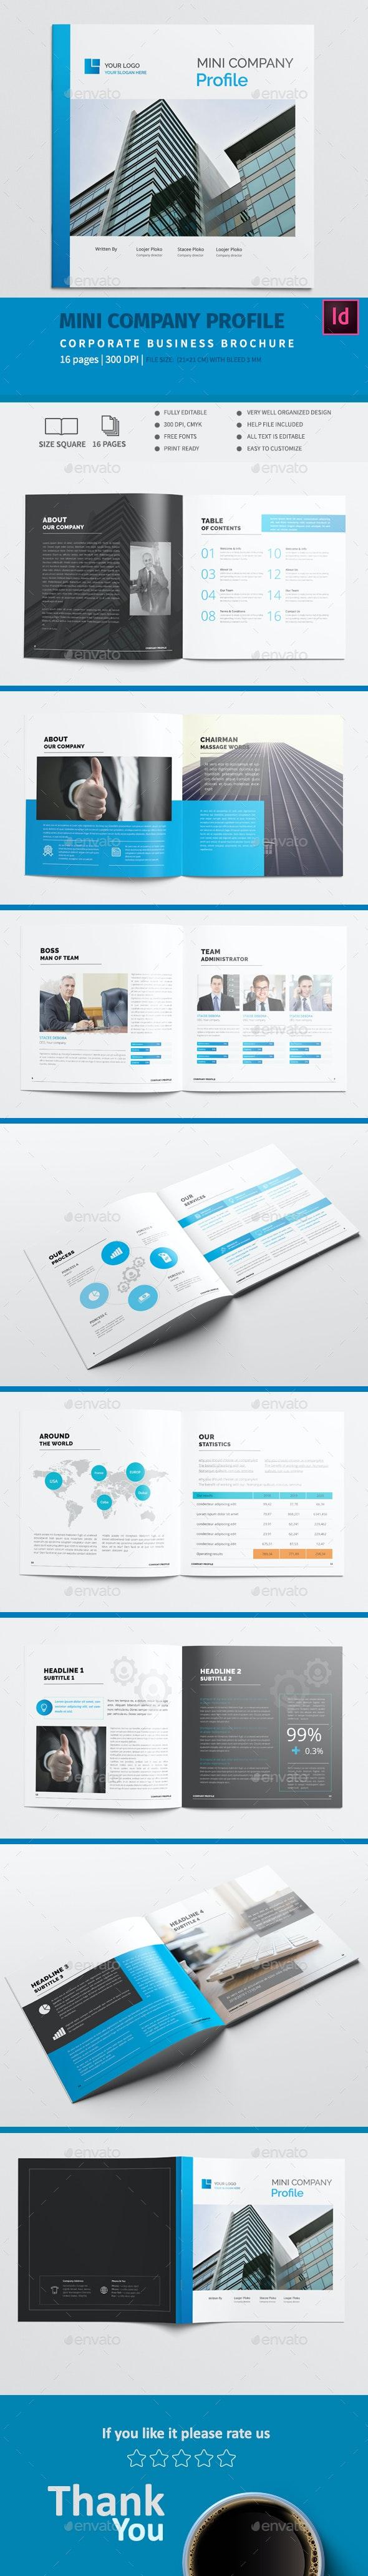 Mini Square Company Profile - Corporate Brochures